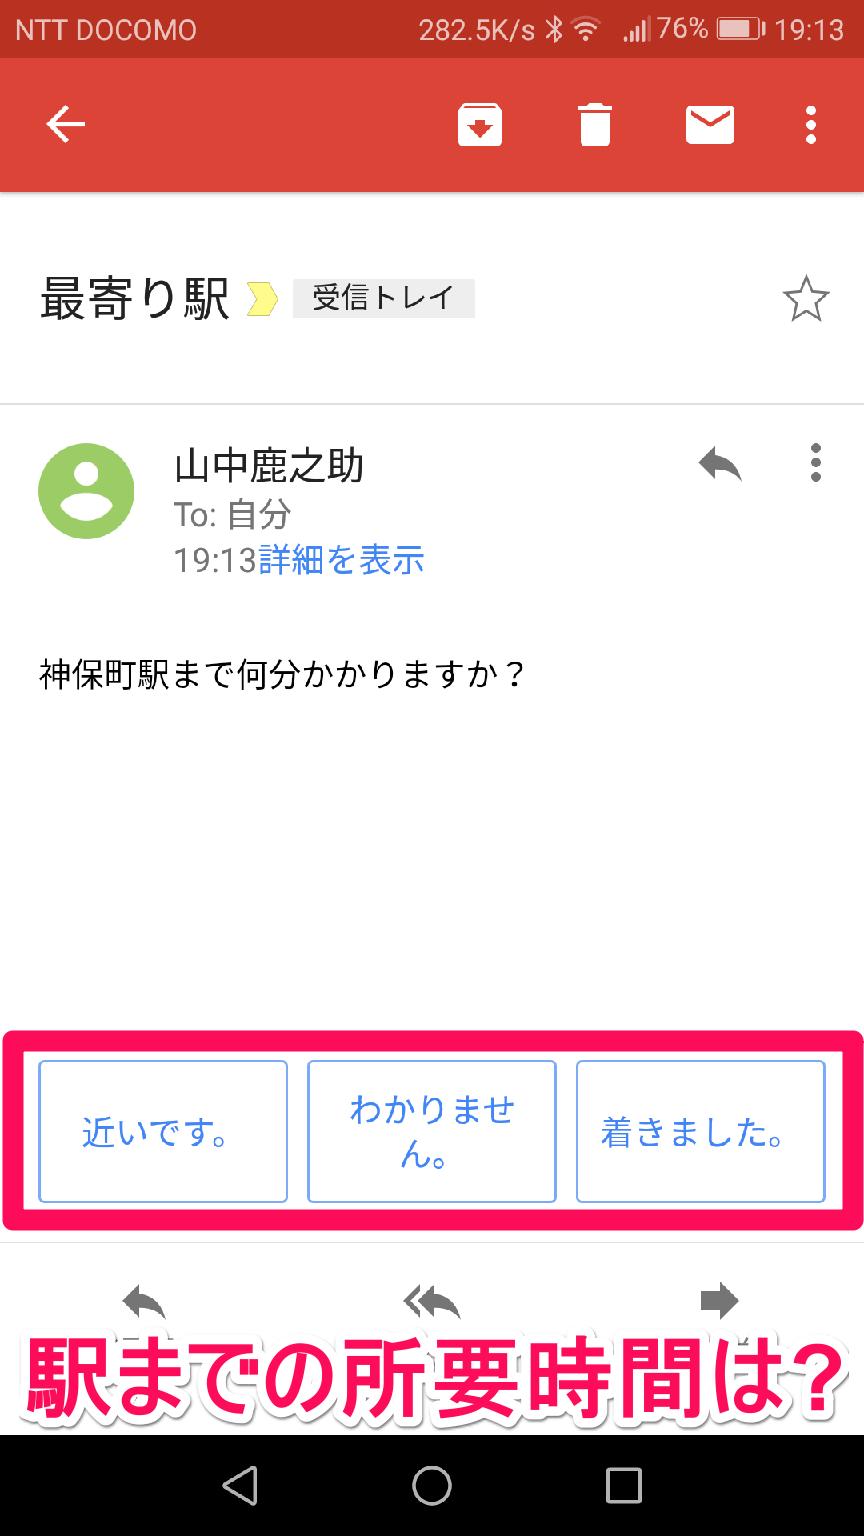 Gmail(ジーメール)のSmart Reply(スマートリプライ)で所要時間を聞いてみた画面